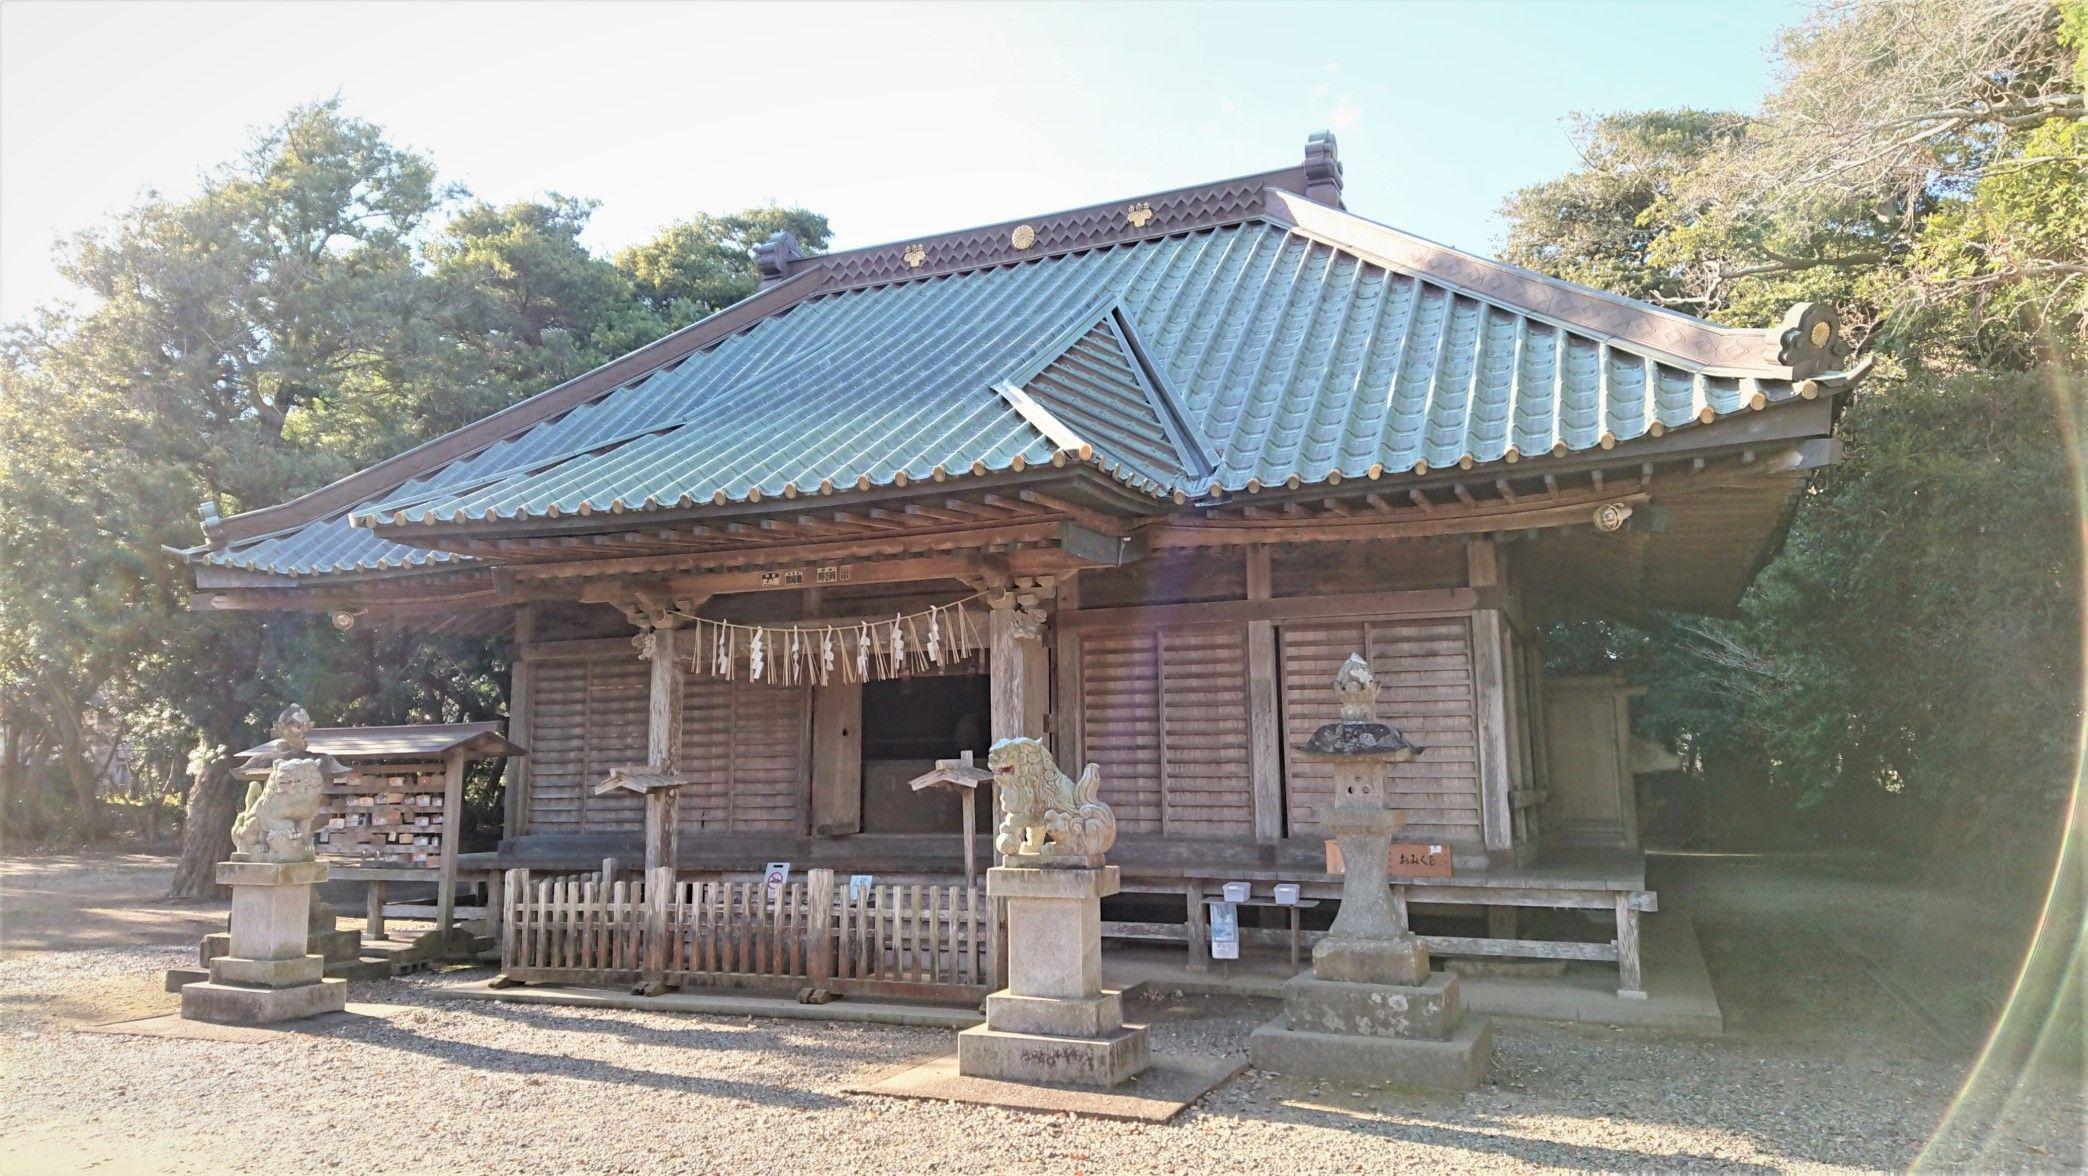 銚子へ(銚子市・海上八幡宮)   ルーツの足跡帳 - 楽天ブログ